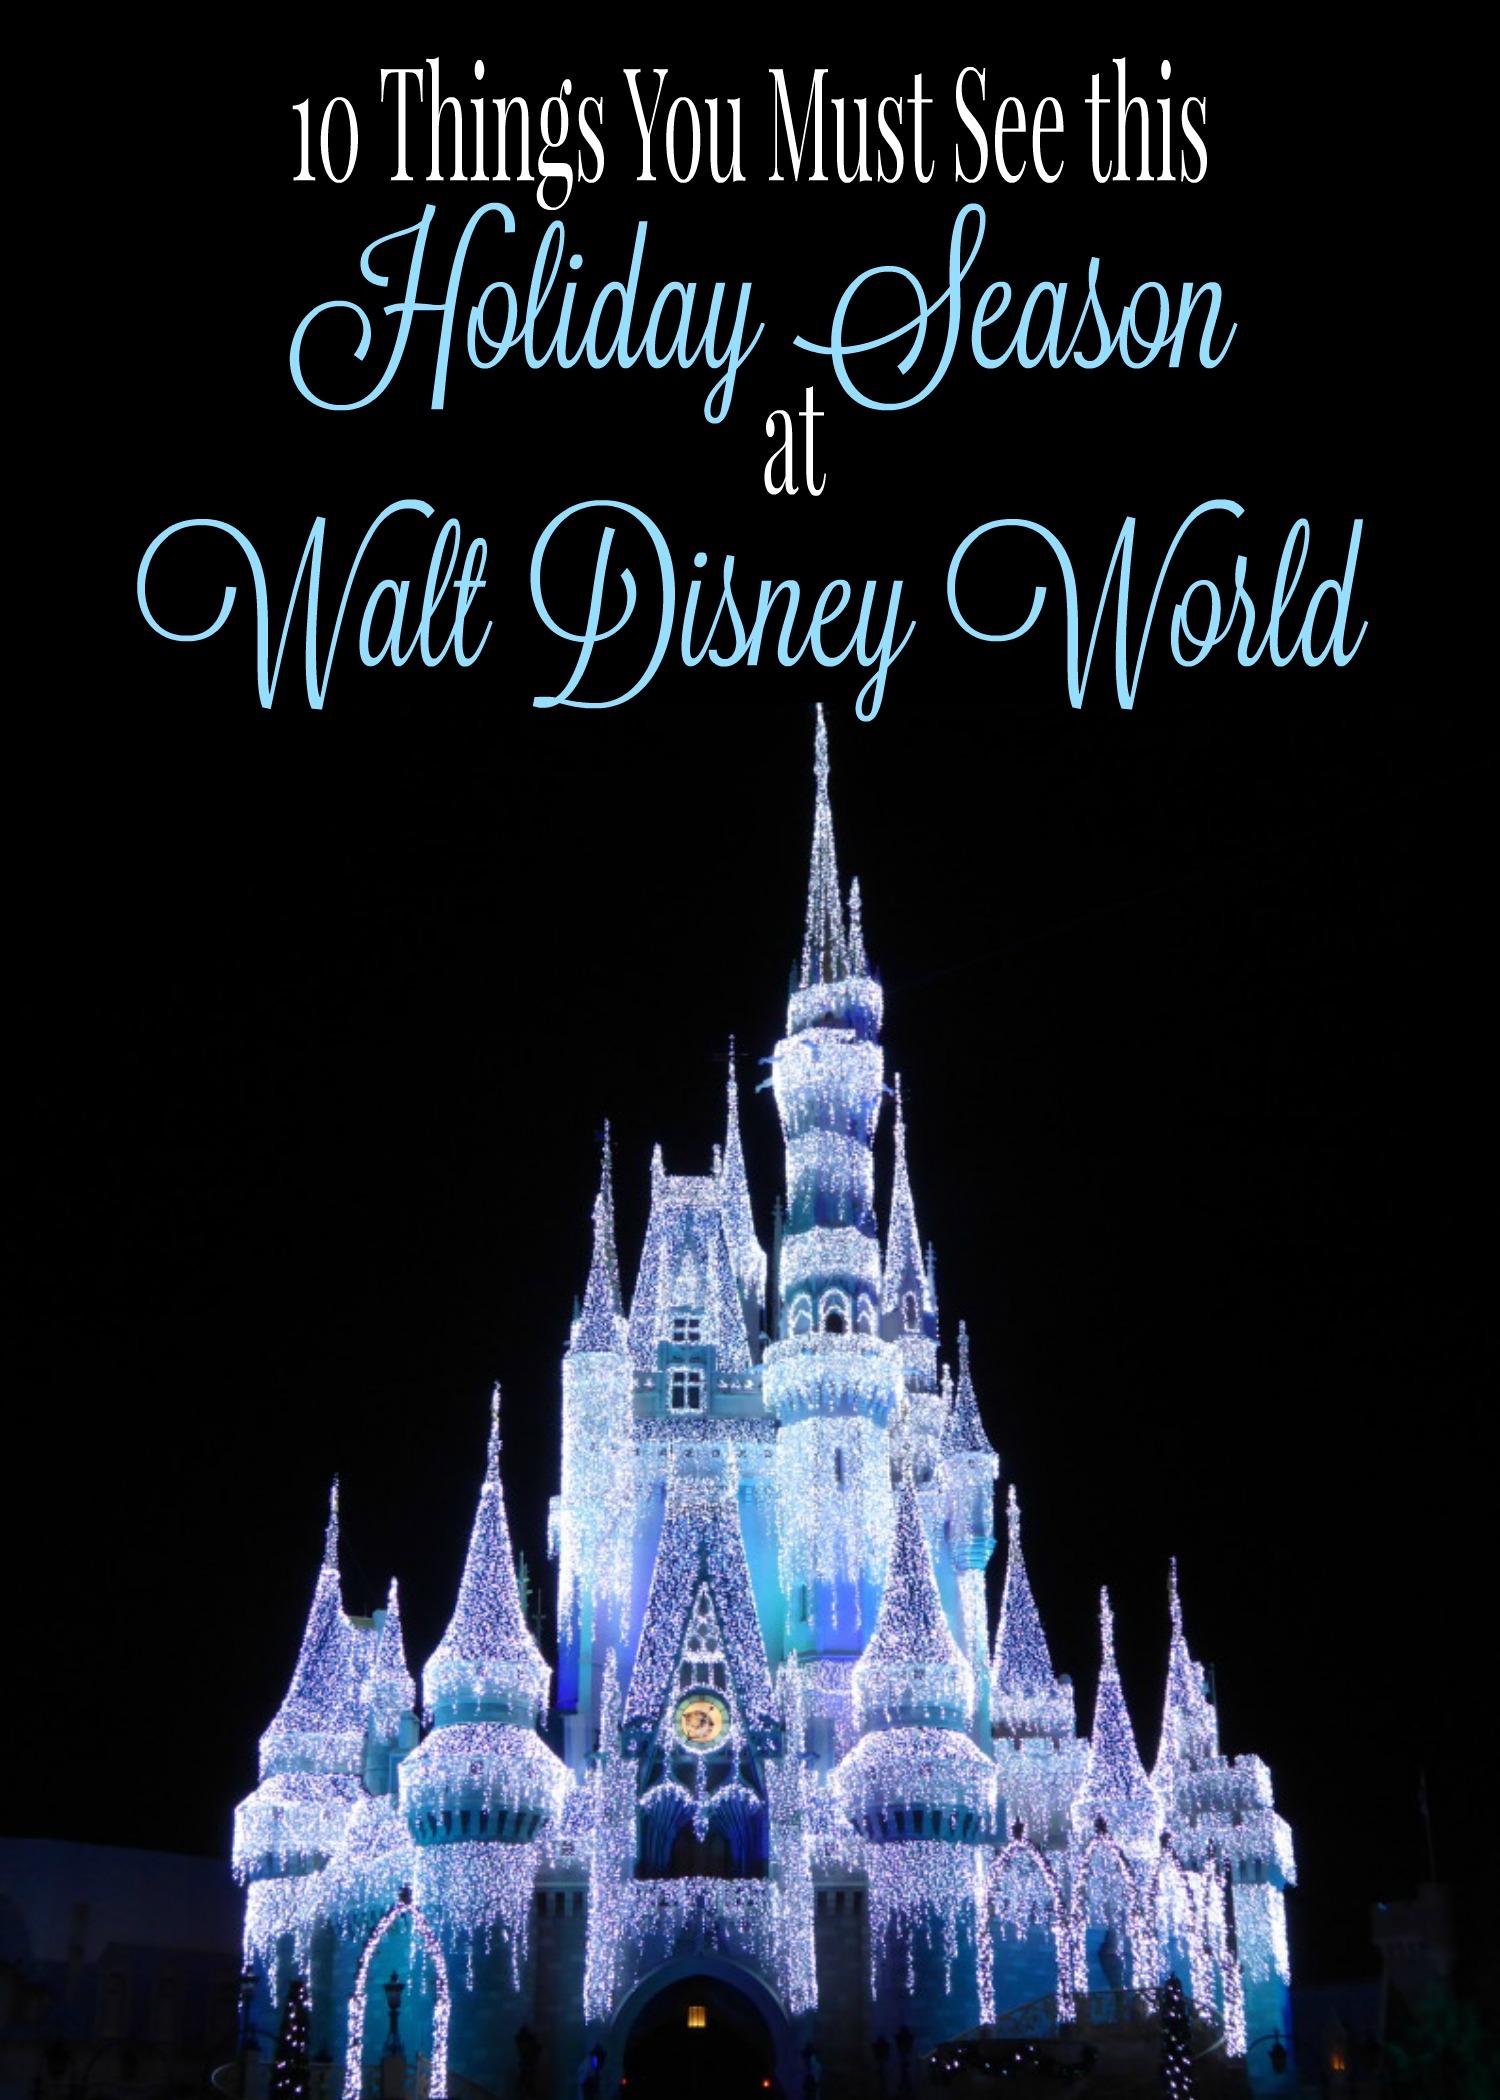 10 Things You Must See This Holiday Season At Walt Disney